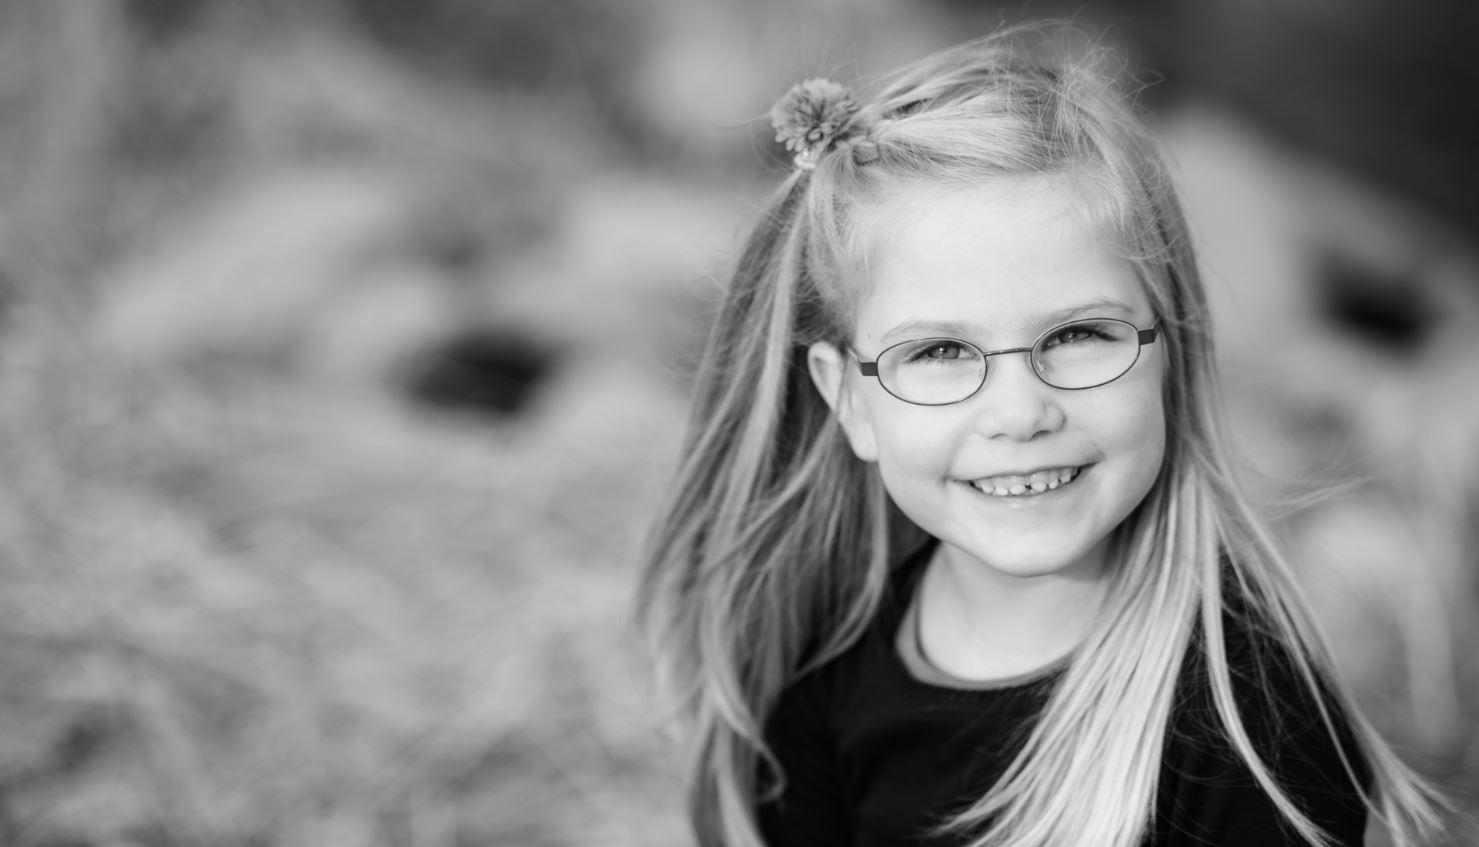 b916cf55bb7 Designer Eyeglasses   Frames For Kids